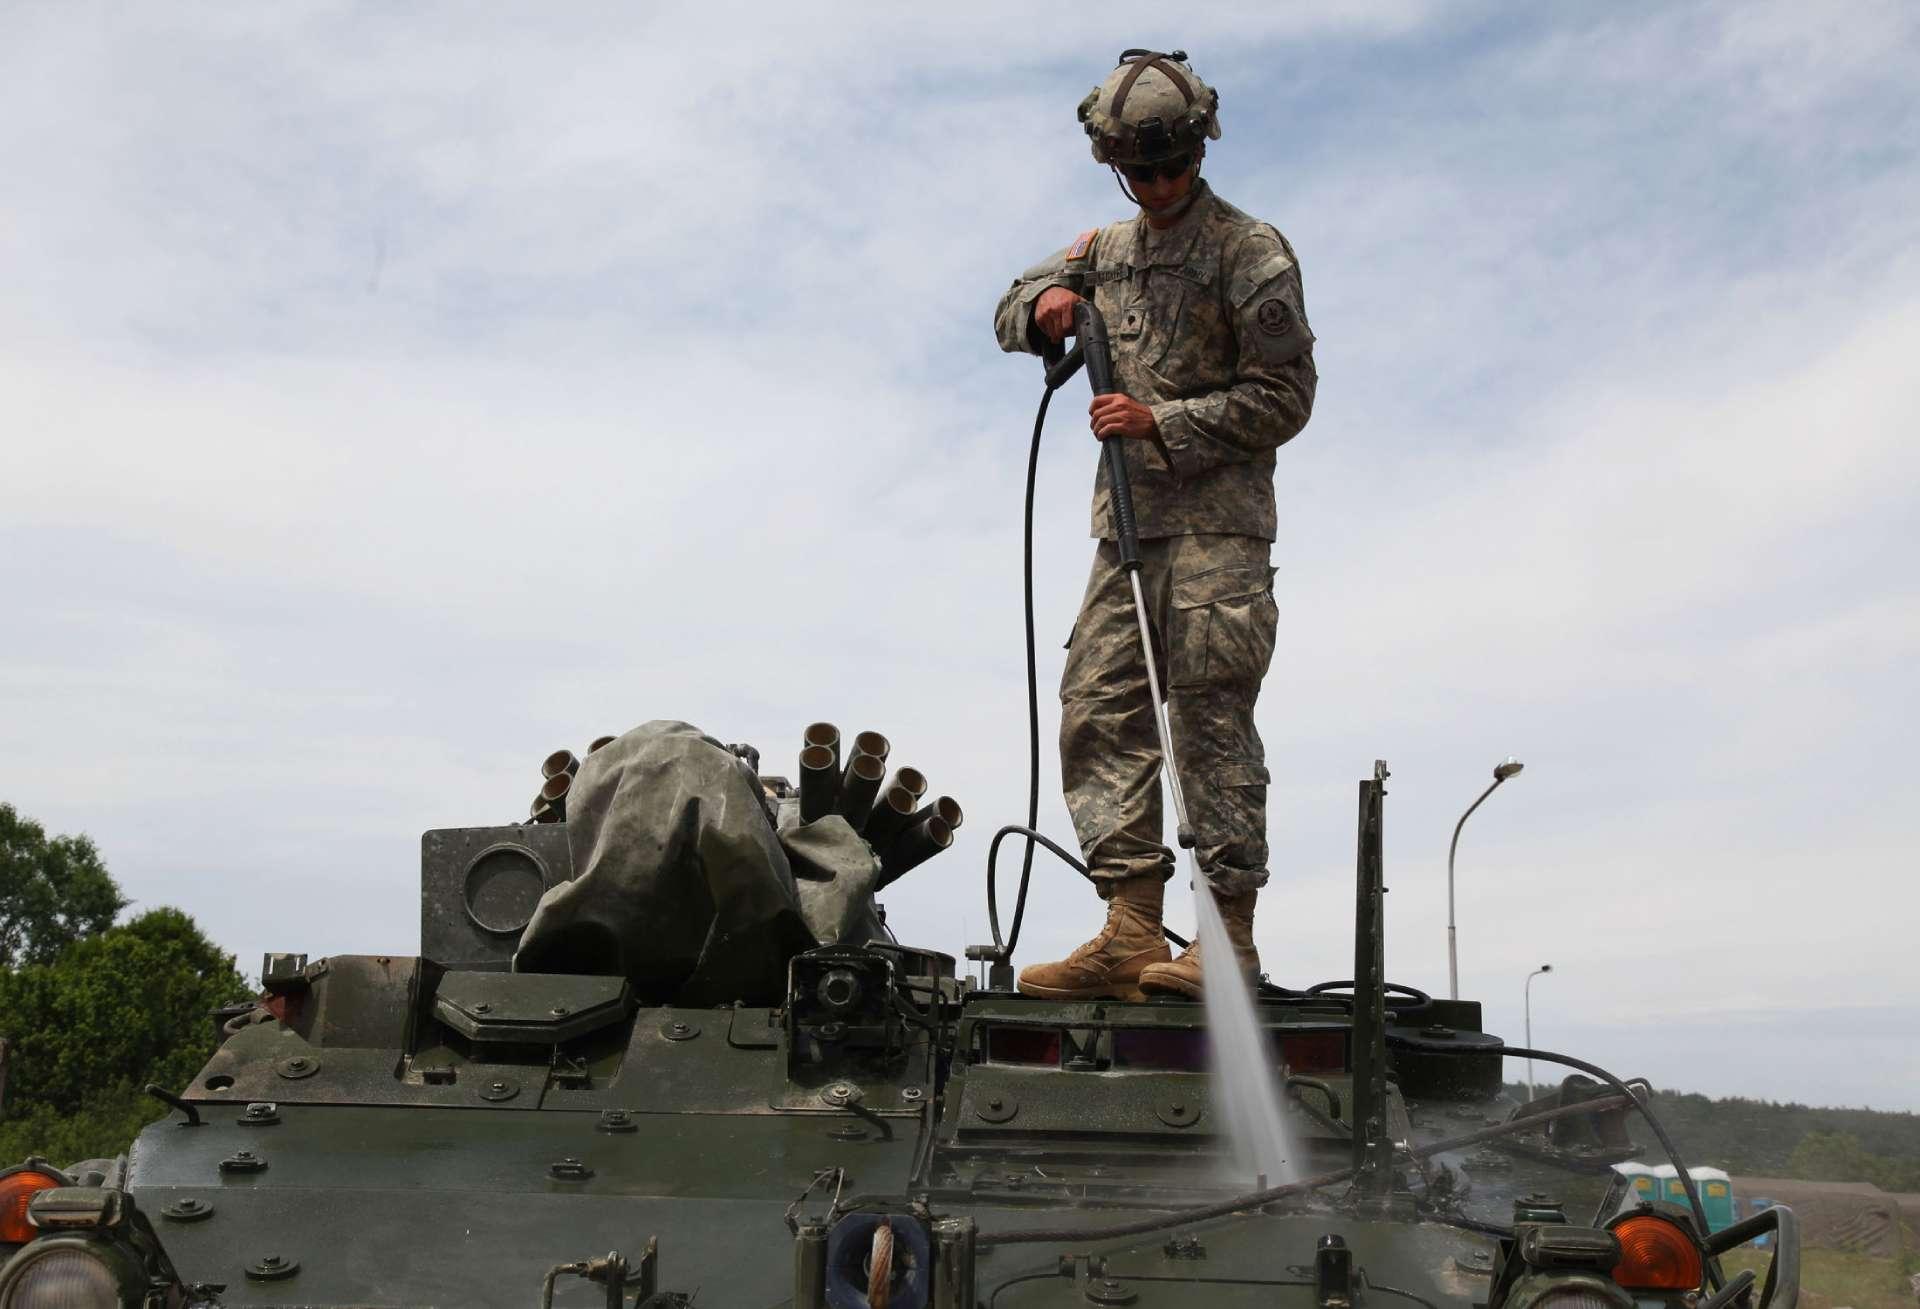 Myjka ciśnieniowa dla wojska? Oferta dla Sił Zbrojnych RP